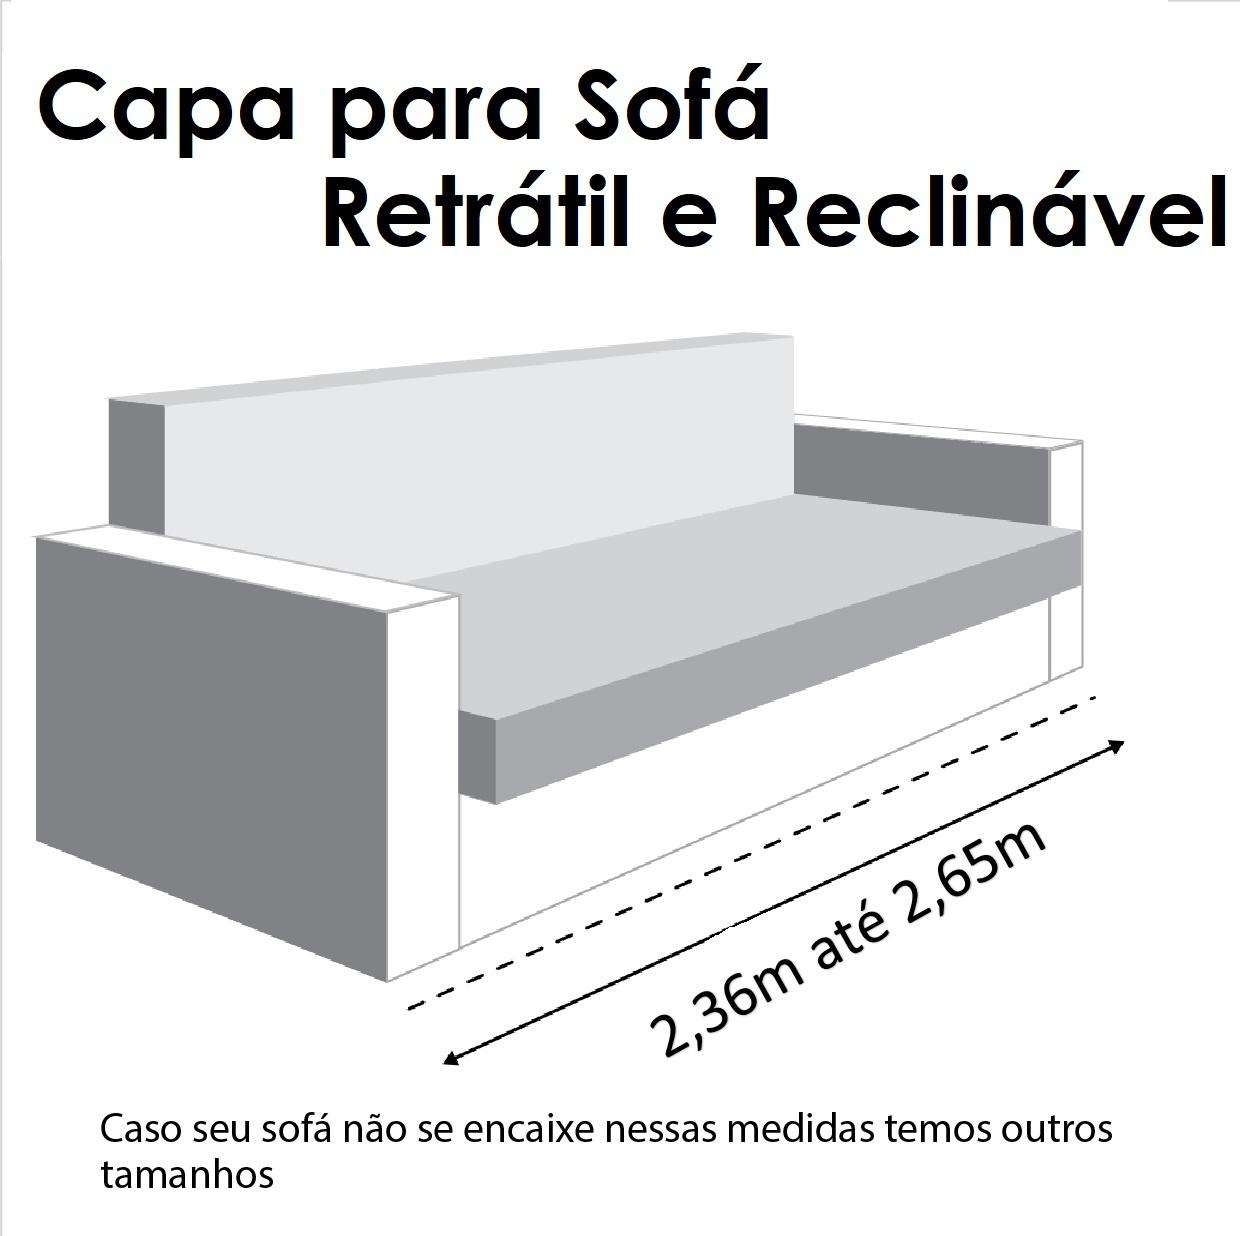 Capa p/ Sofá Retrátil e Reclinável em GORGURÃO CRU - Veste Sofás de 2,36m até 2,65m